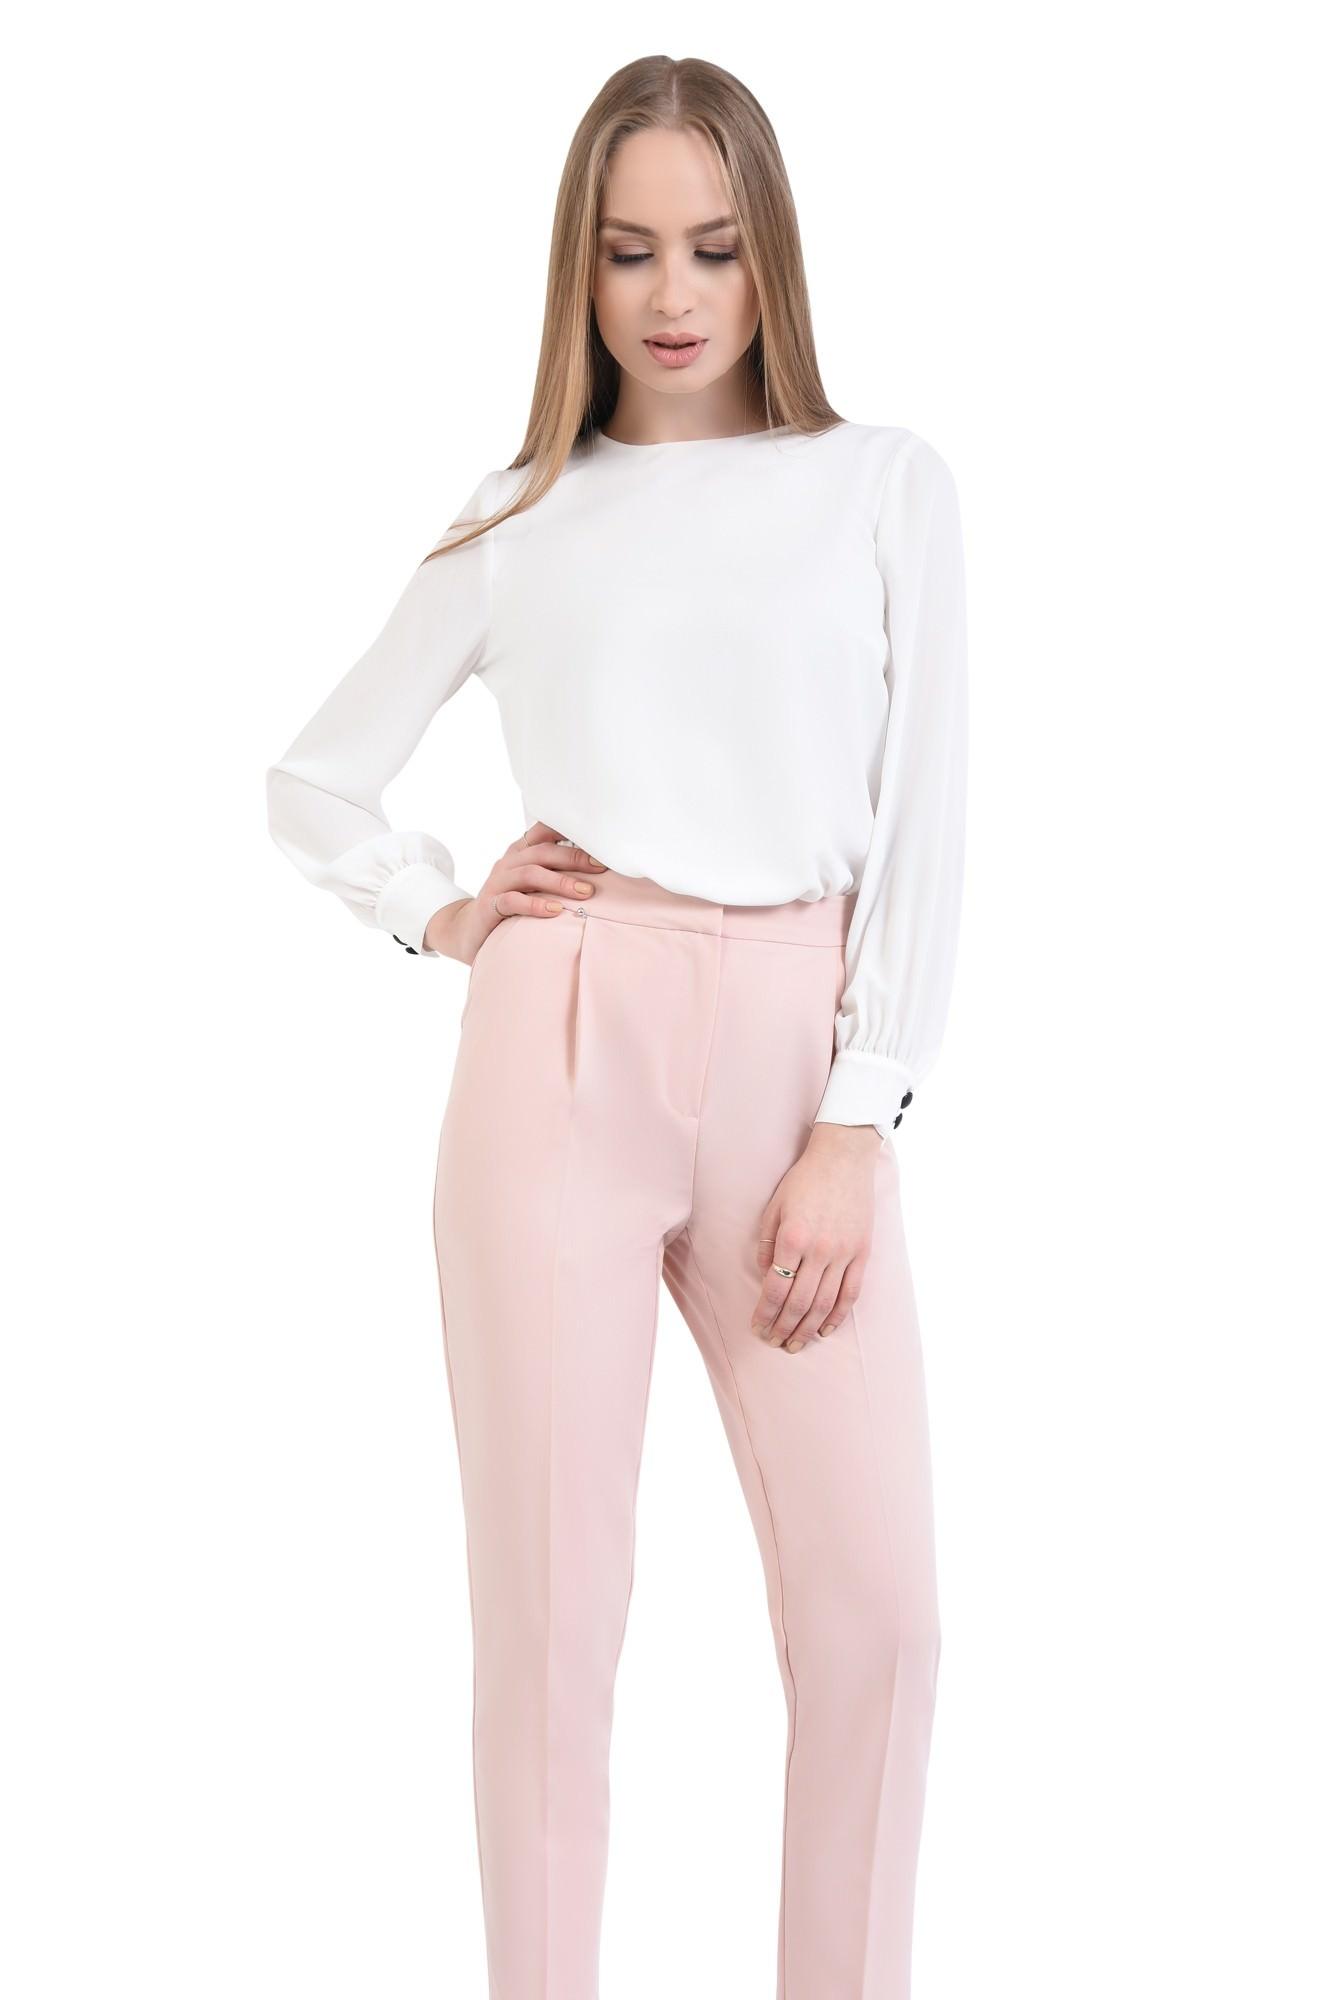 0 - Pantaloni casual, croi conic